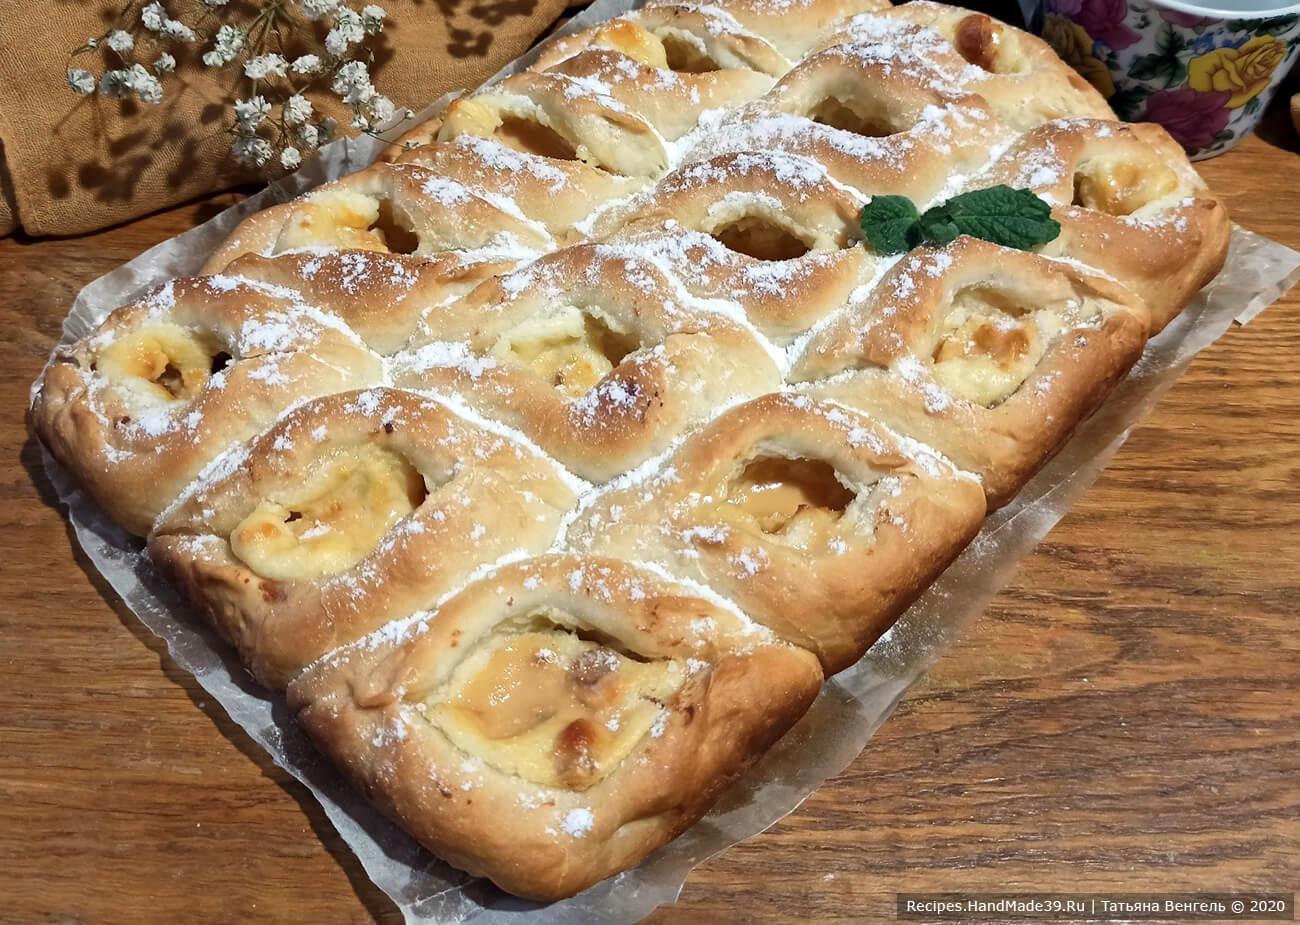 Дрожжевые булочки с творожной начинкой, изюмом в сметанной заливке со сгущёнкой – пошаговый рецепт с фото